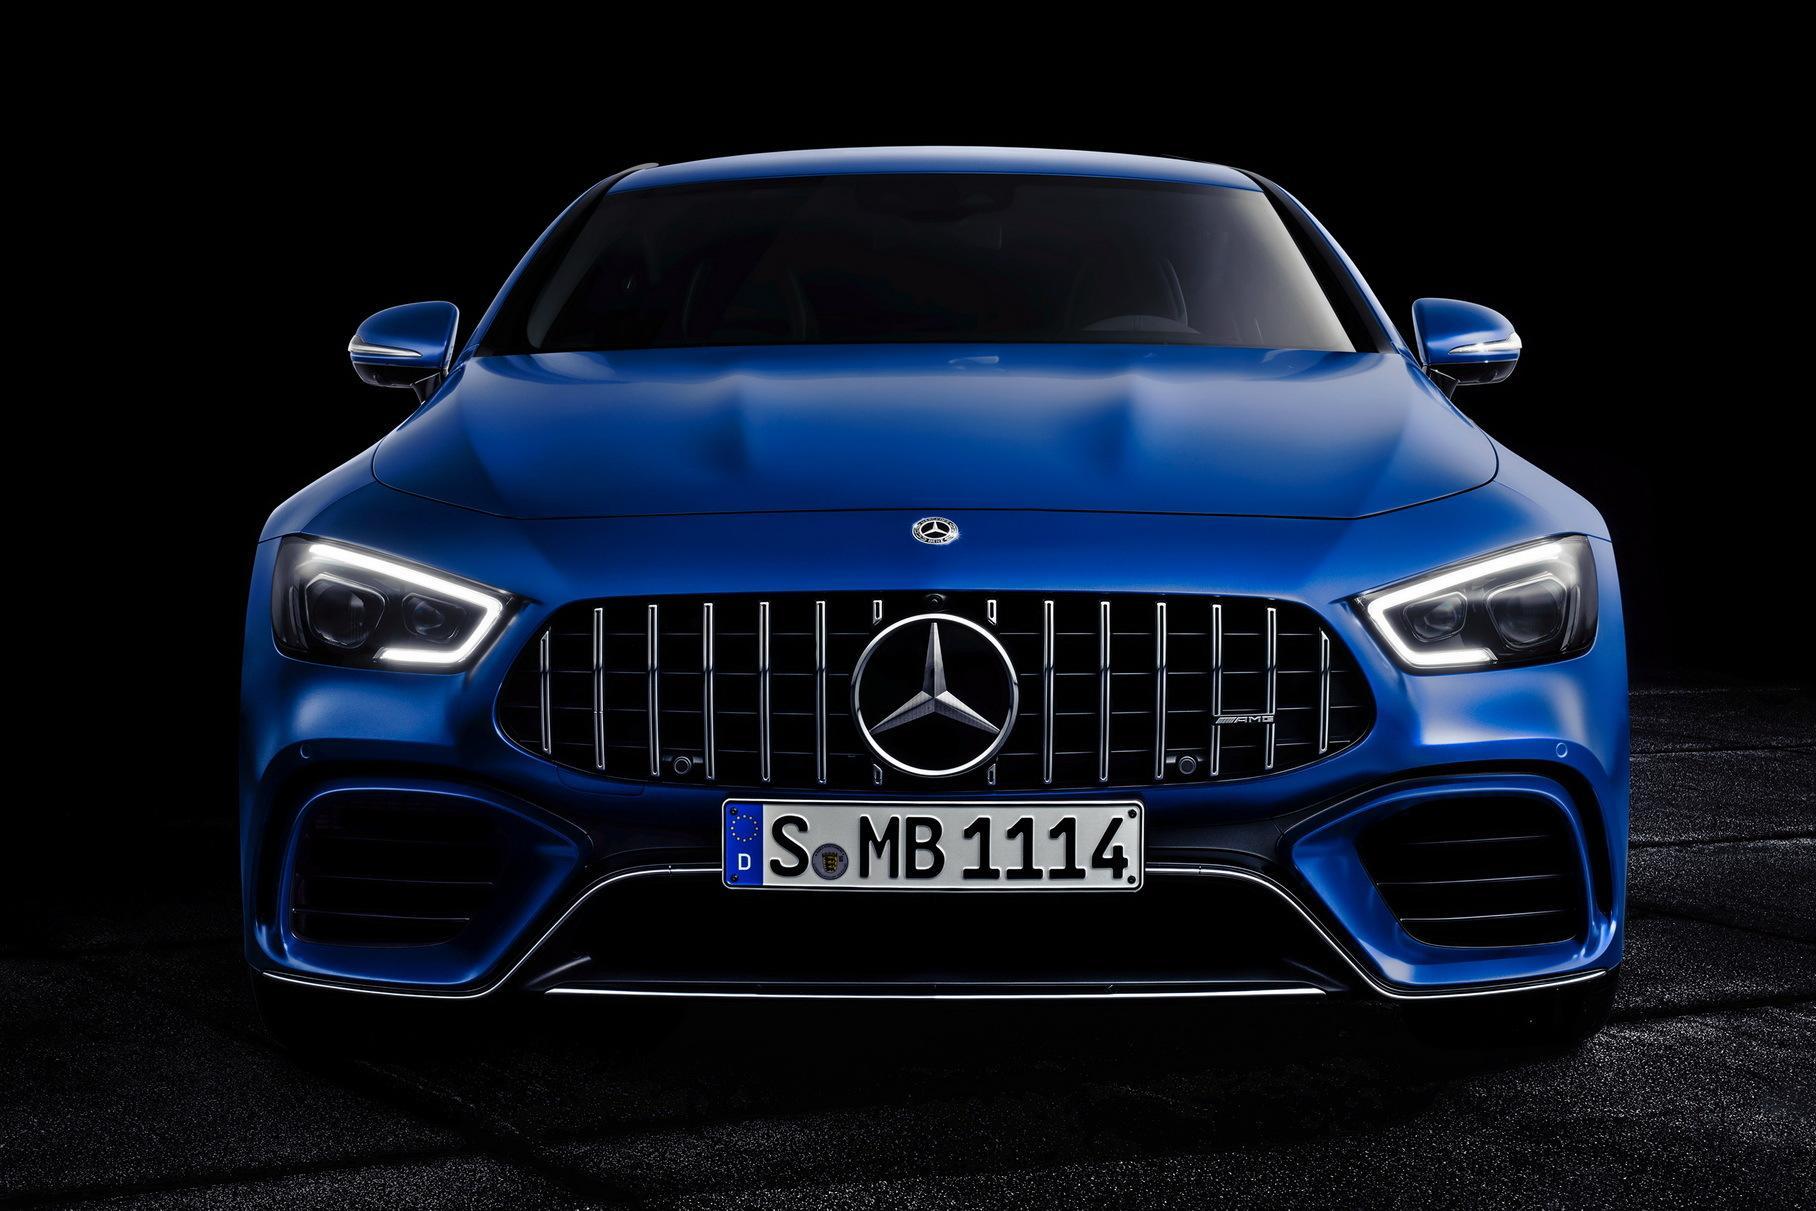 Тобиас Моерс – глава подразделения AMG в Mercedes – сообщил о разработке гибридной модификации GT 4-door Coupe (на фото и видео).